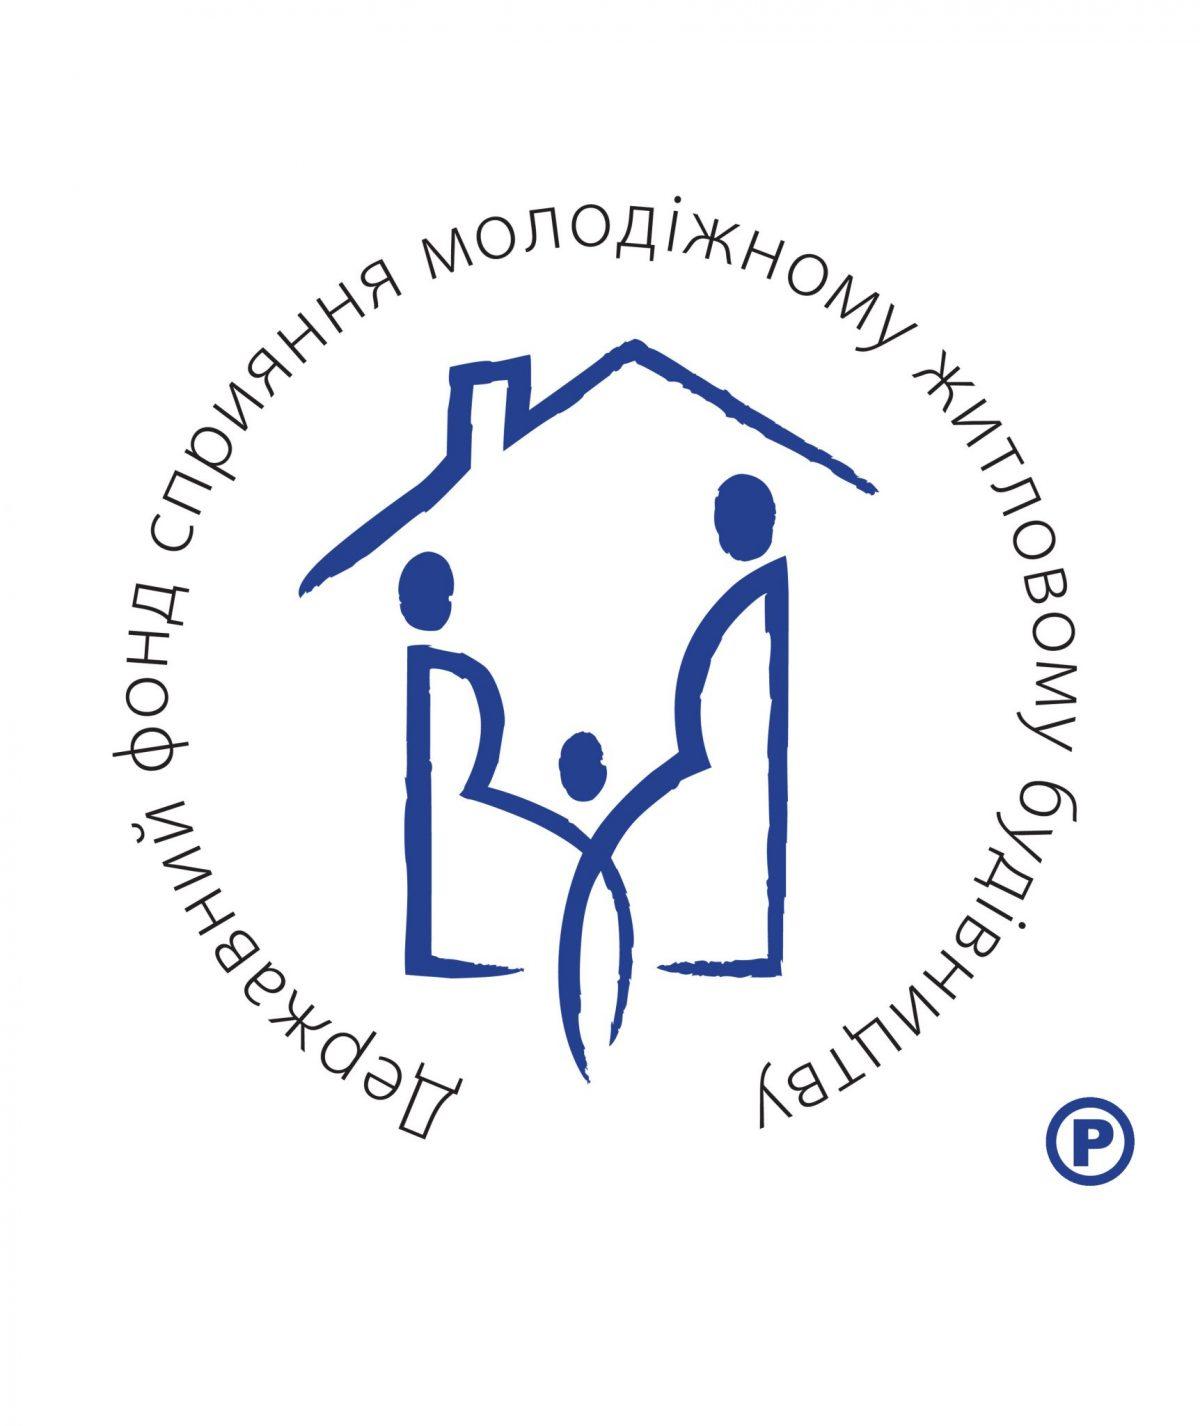 15 мільйонів гривень поліпшать житлові умови ветеранів АТО/ООС на Харківщині